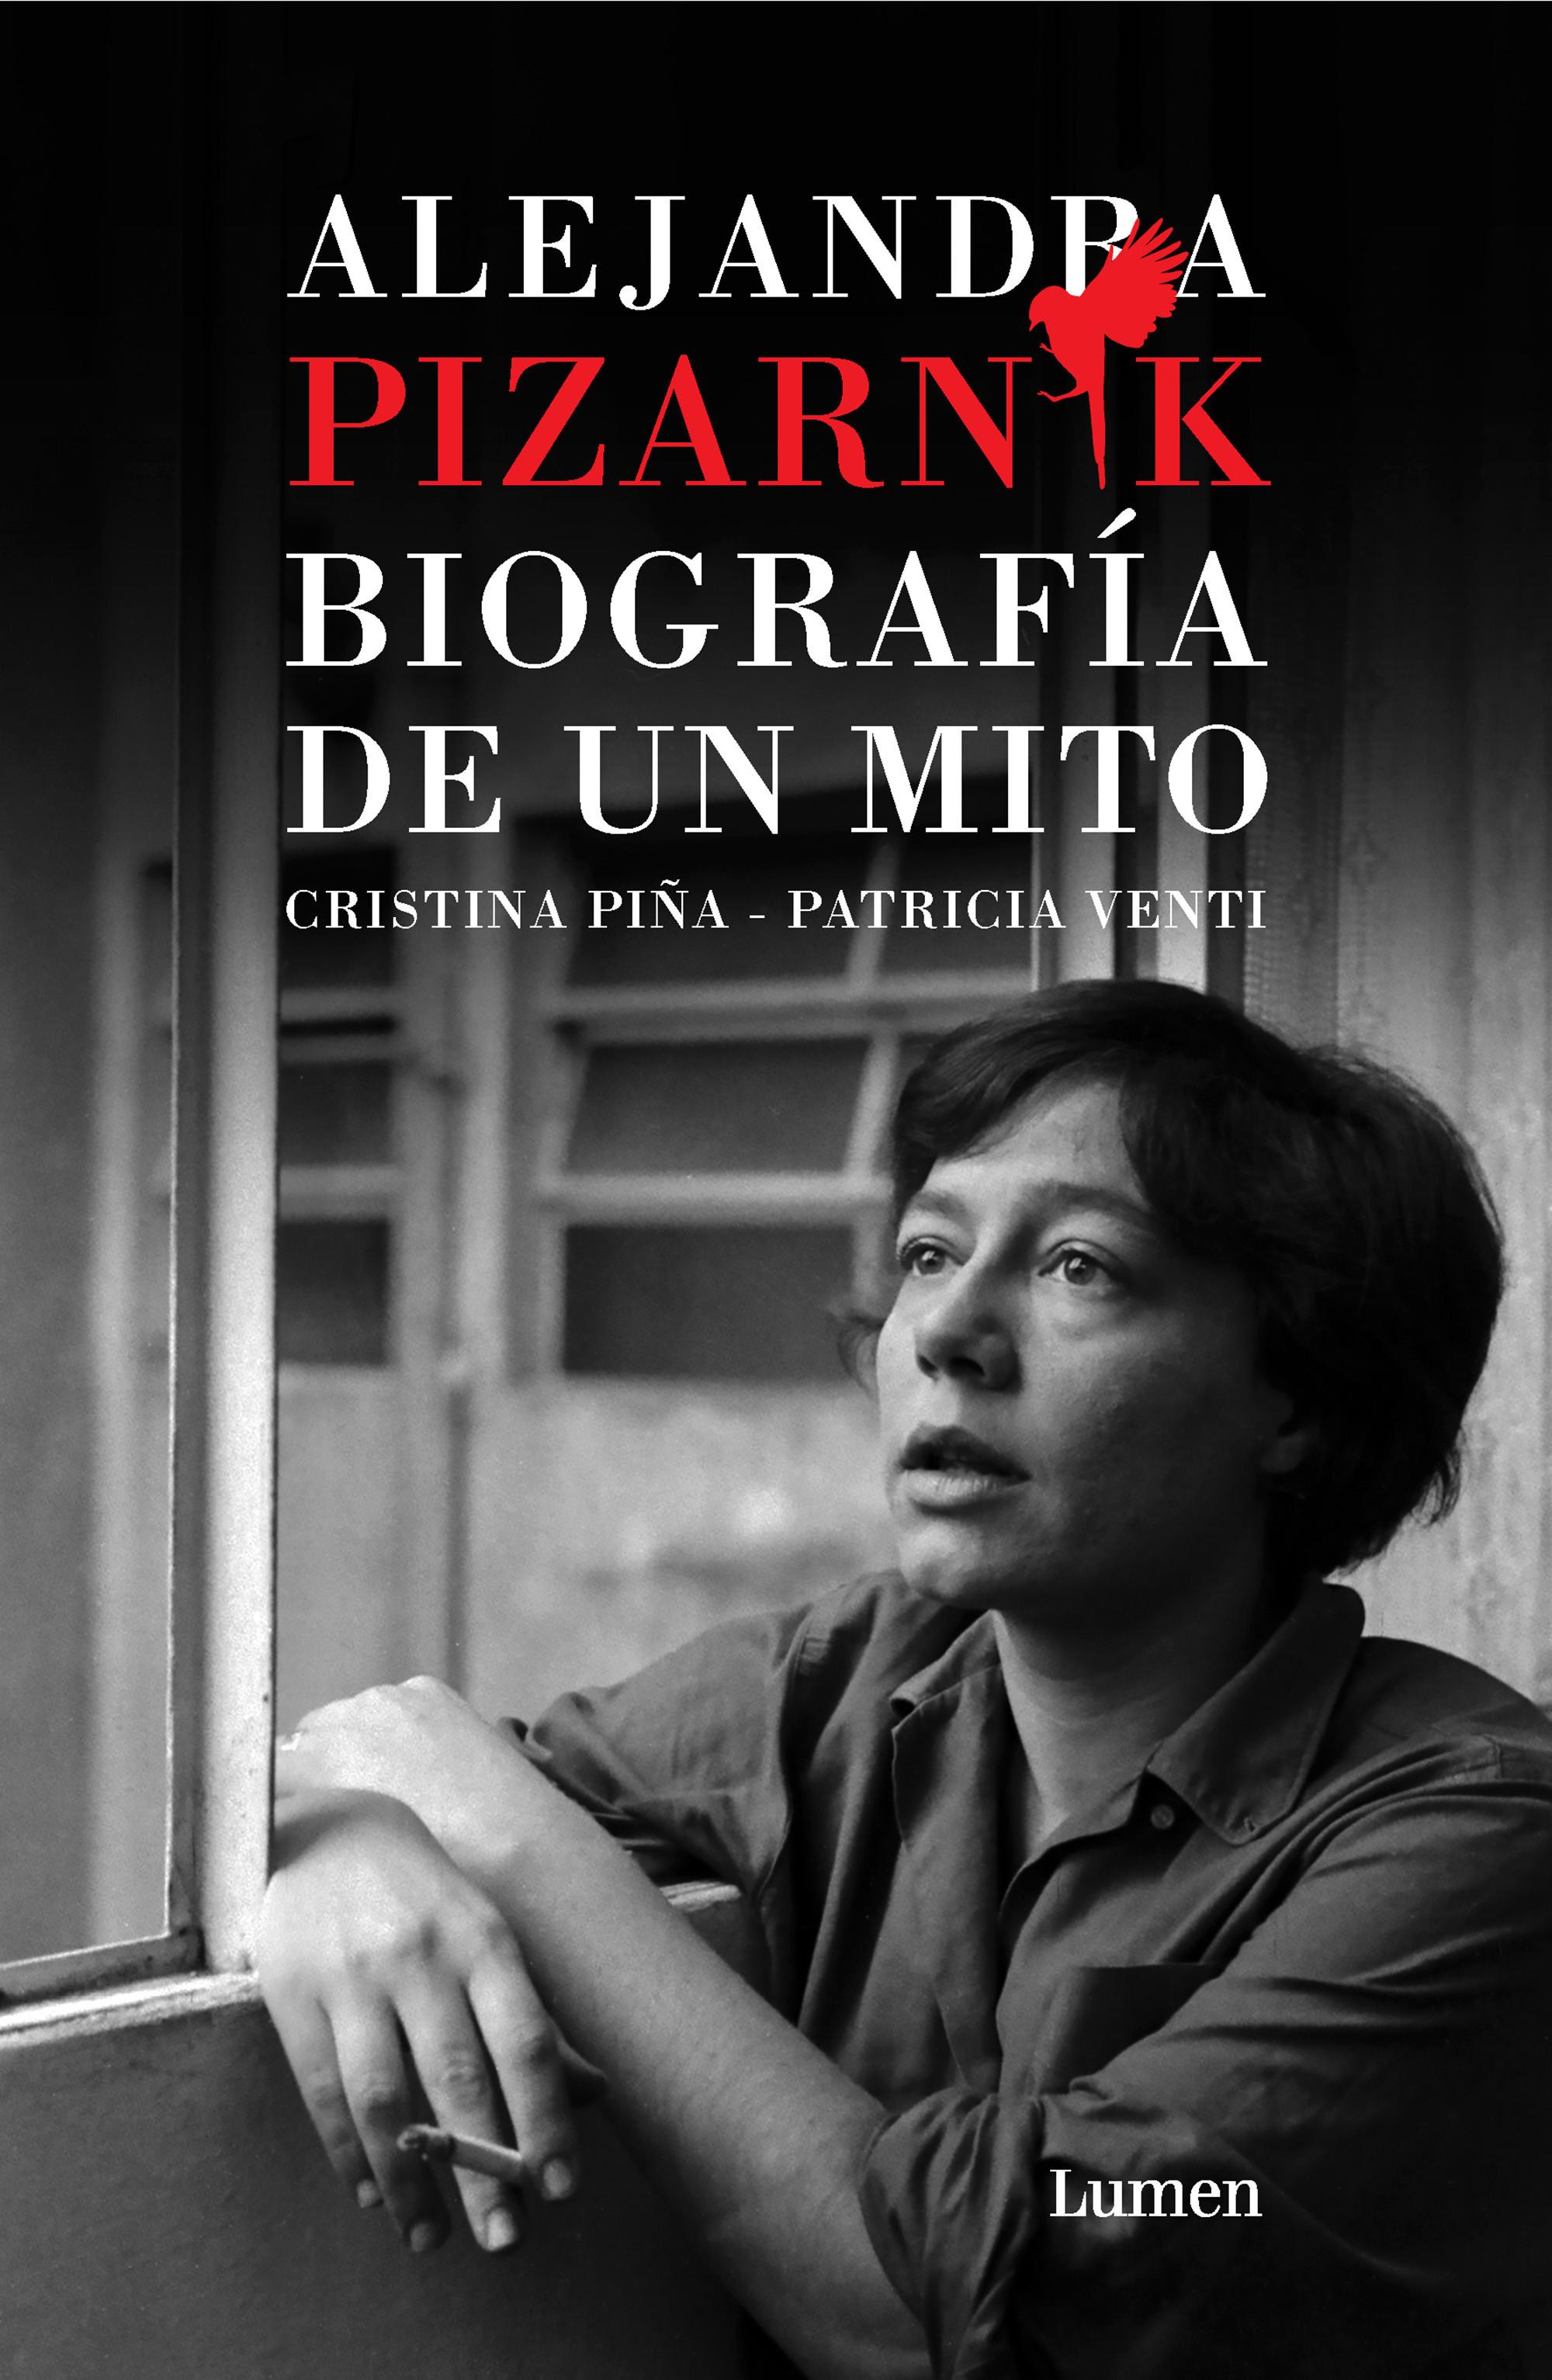 Alejandra Pizarnik. Biografía de un mito